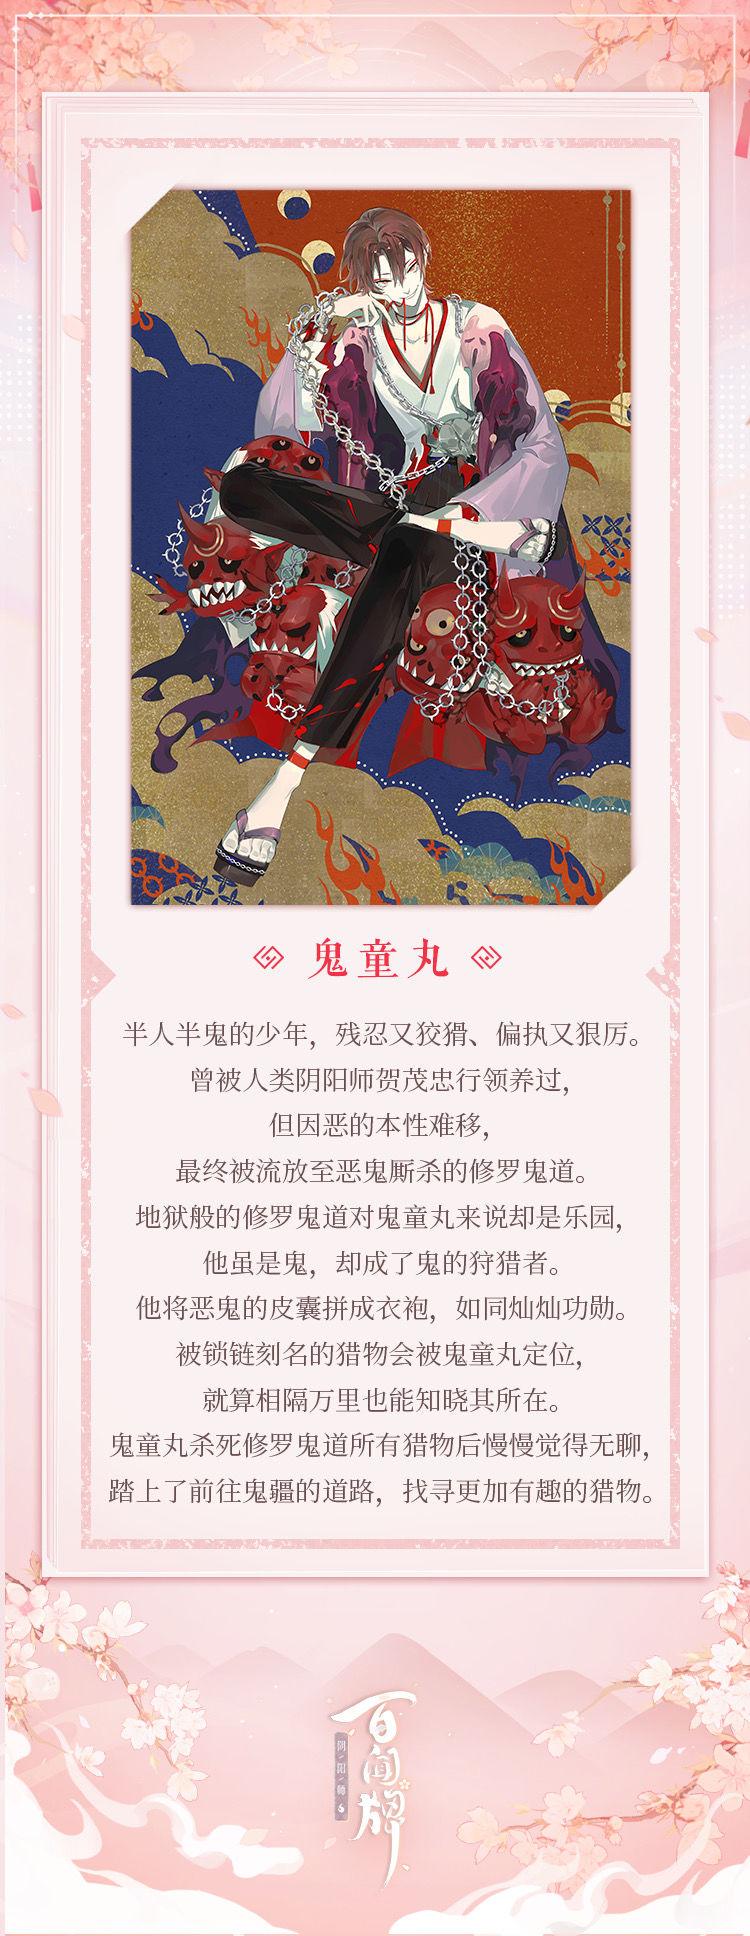 """【阴阳师:百闻牌】""""吉运缘结""""邂逅式神·鬼童丸"""